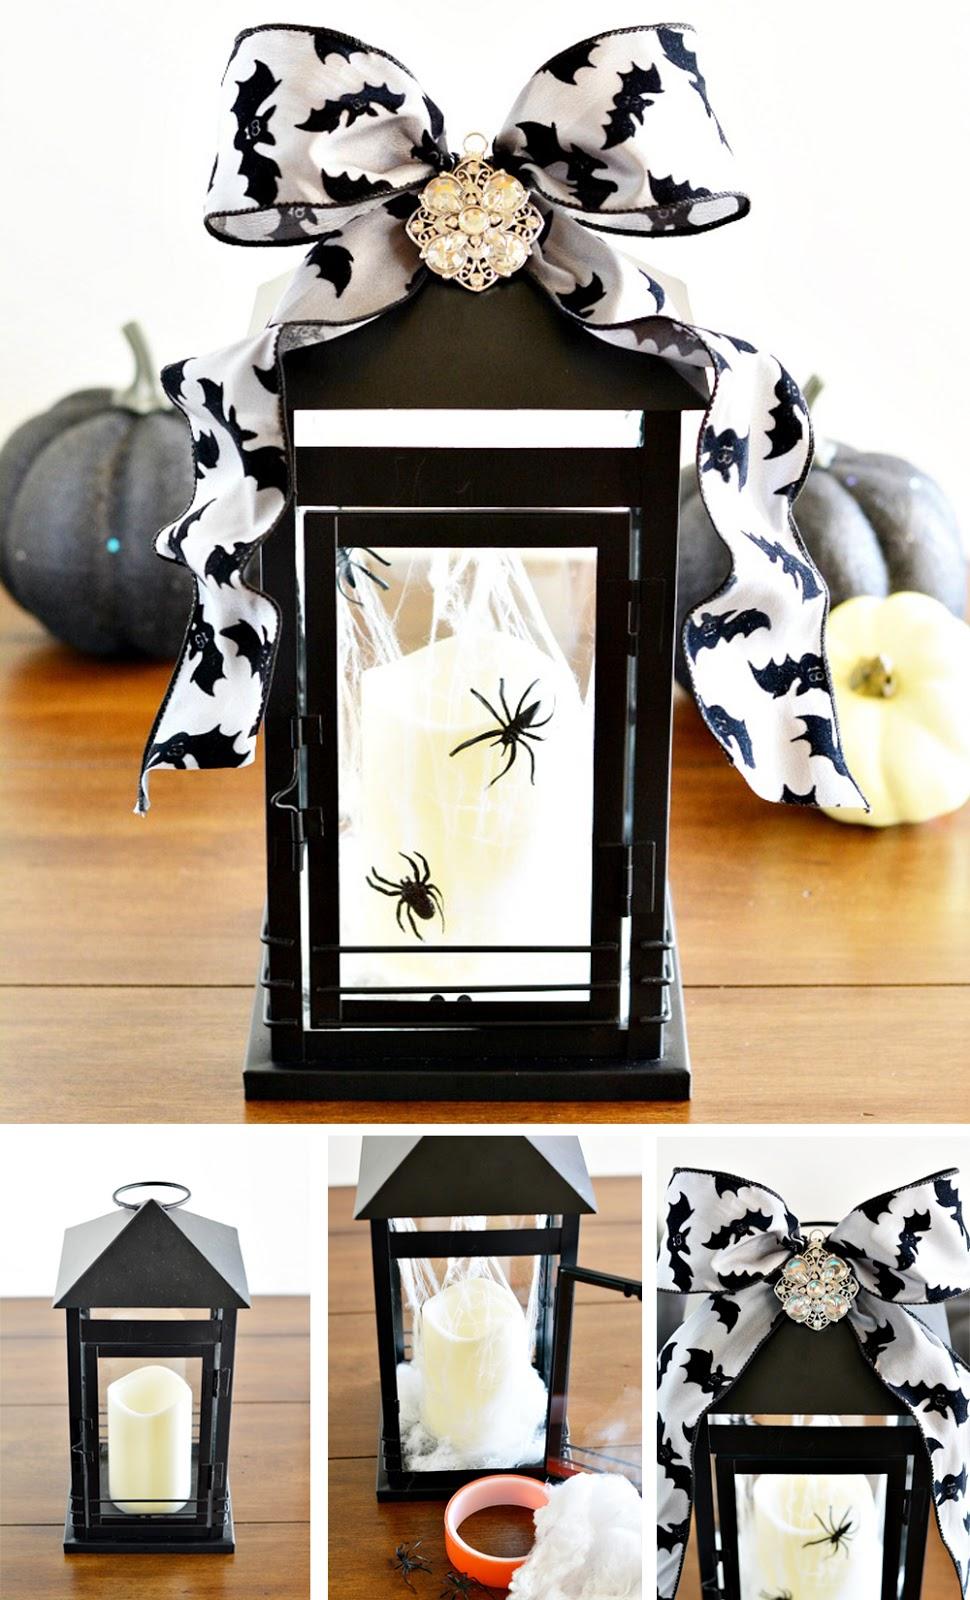 diy para decorar en halloween con farolillo glamuroso y terrorifico en blanco y negro fácil y económico